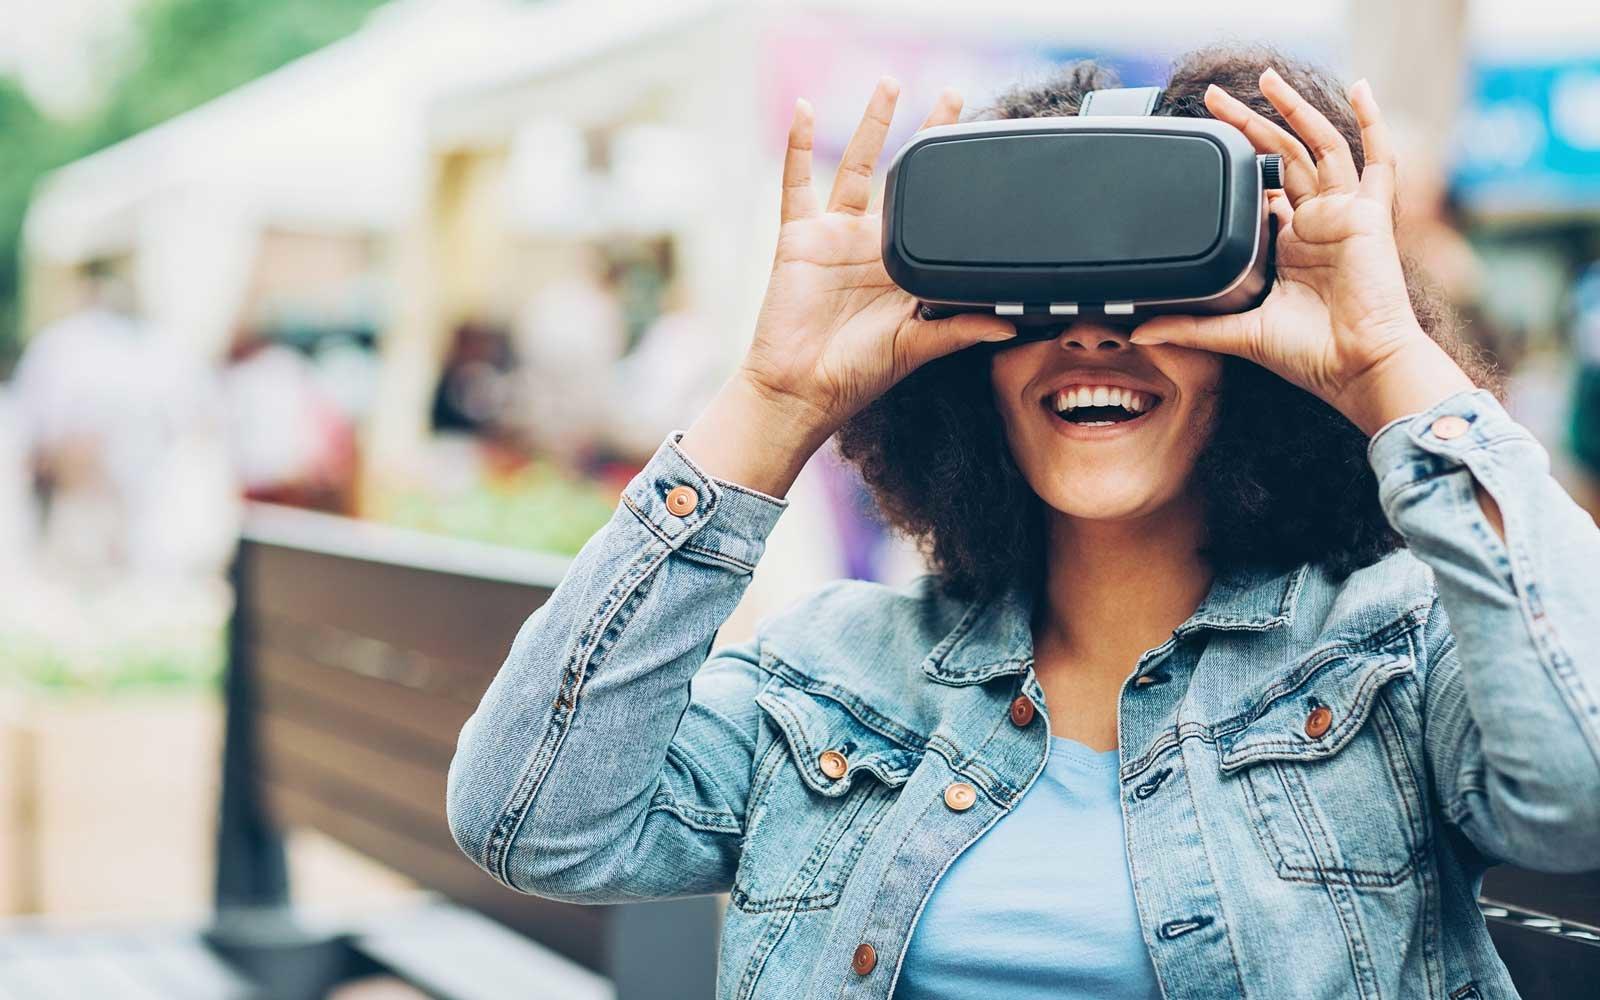 سفر با واقعیت مجازی